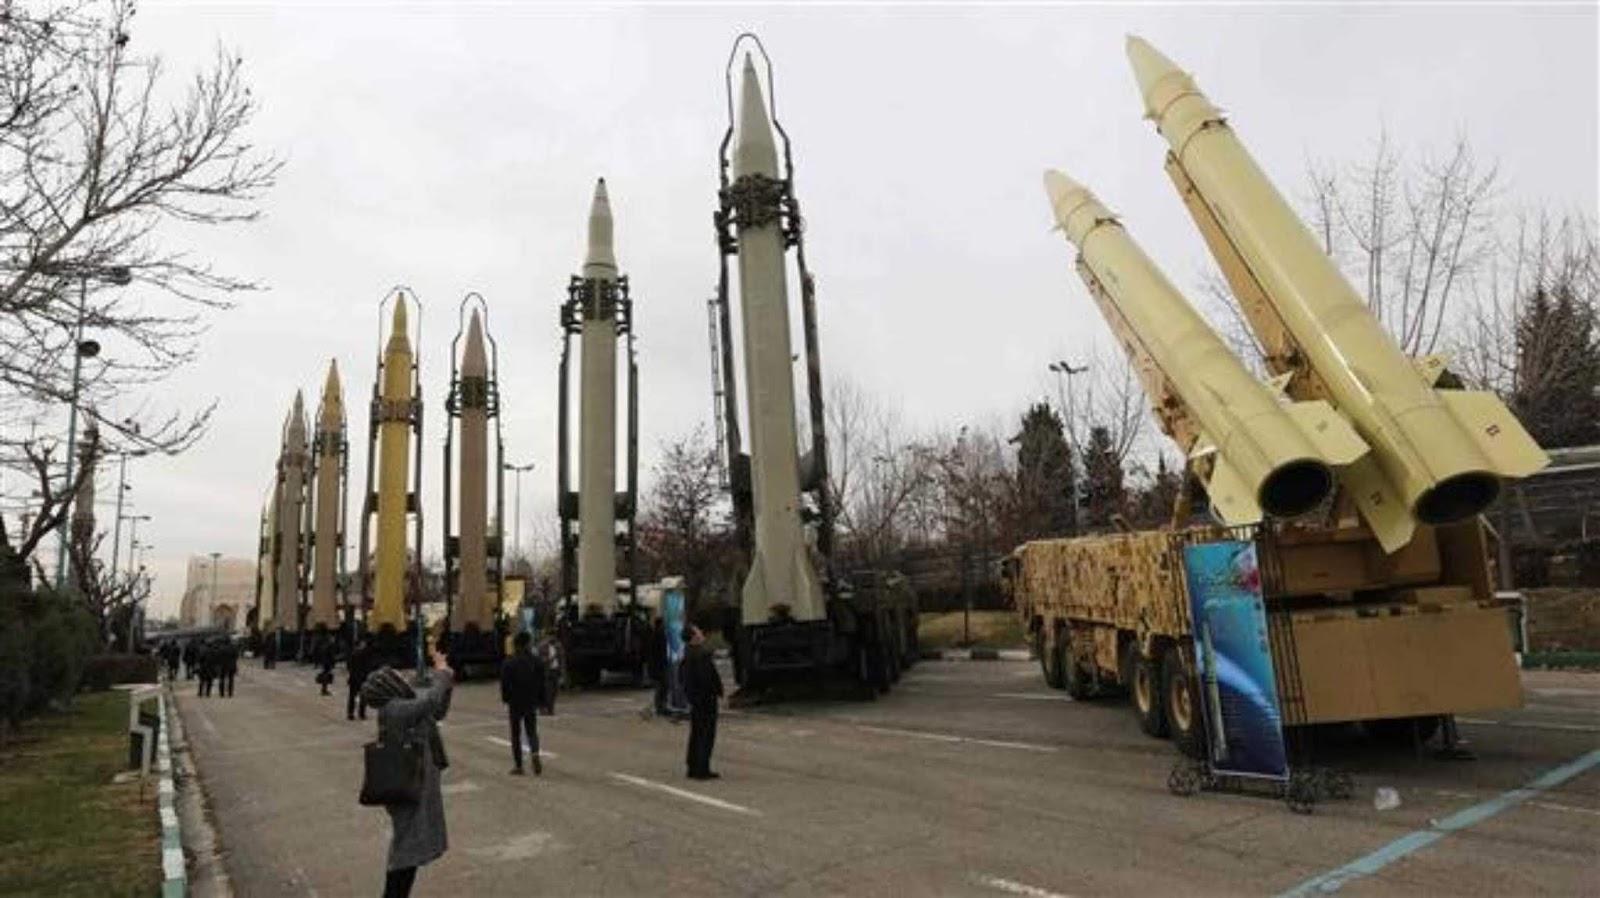 Pemerintahan Trump menghidupkan kembali rencana rahasia untuk menyabotase rudal Iran